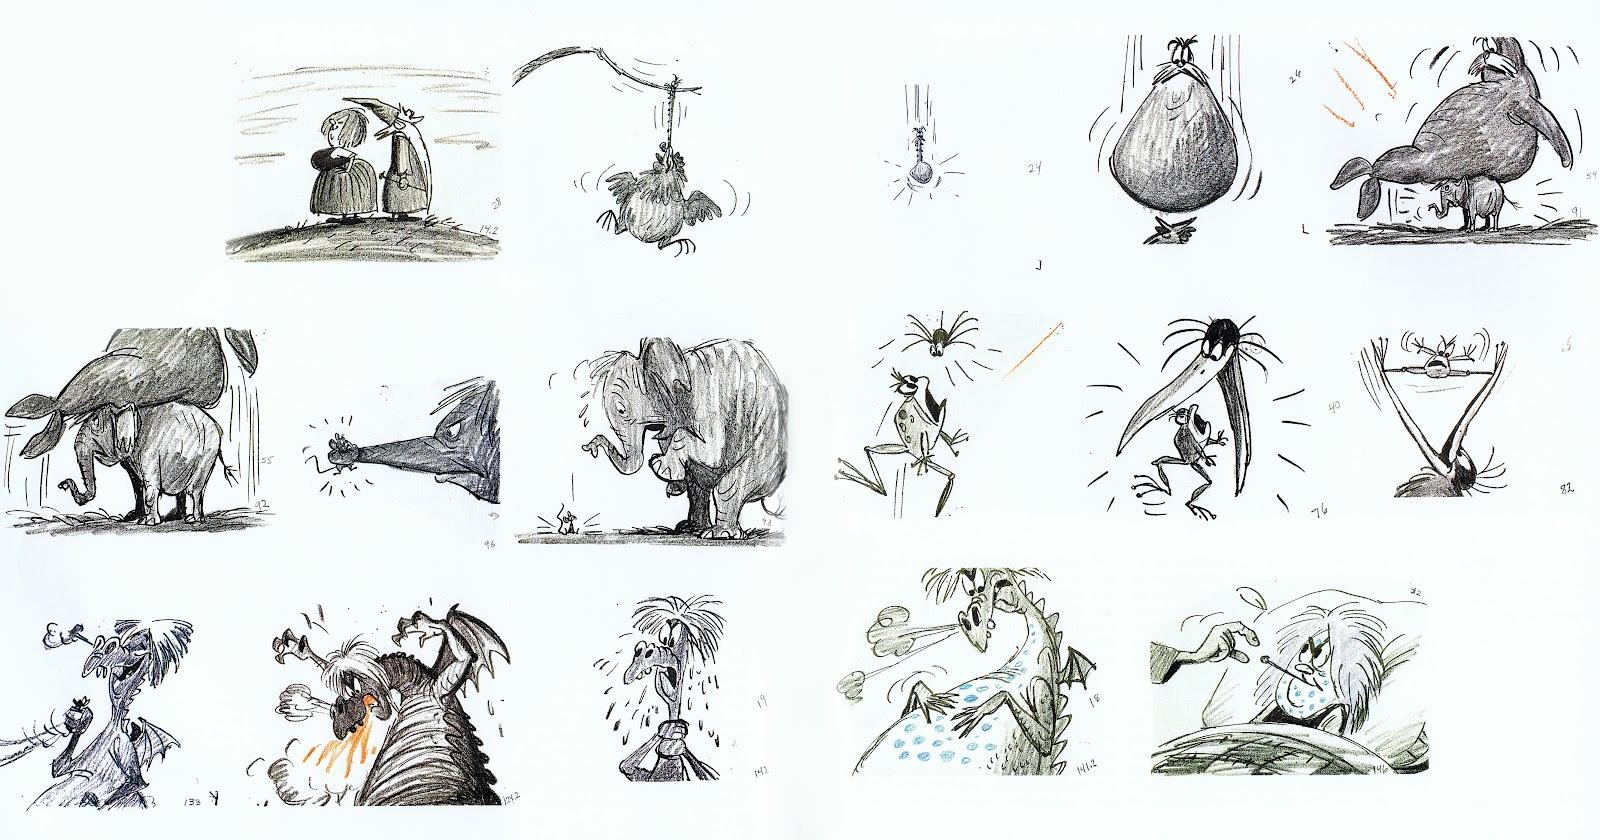 """Dessin préparatoire à """"Merlin l'enchanteur"""" des Studios Disney, présenté dans le blog d'Andreas Deja"""